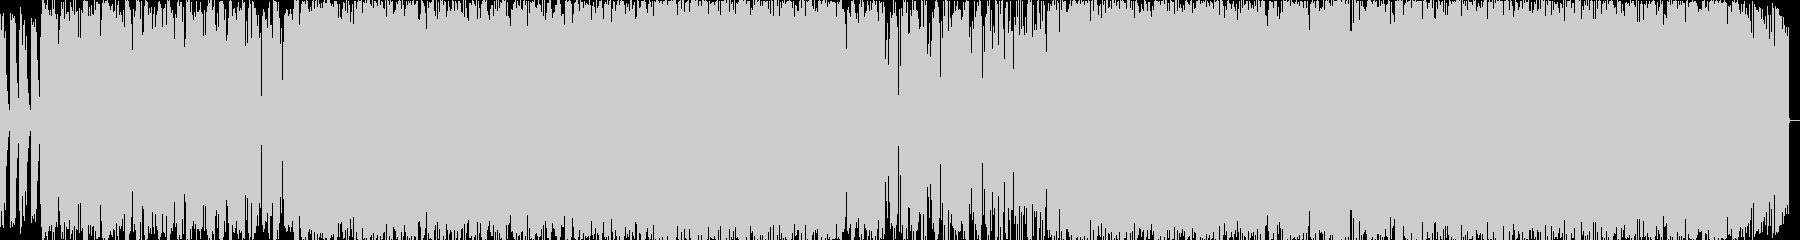 フルートアシッドジャズの未再生の波形